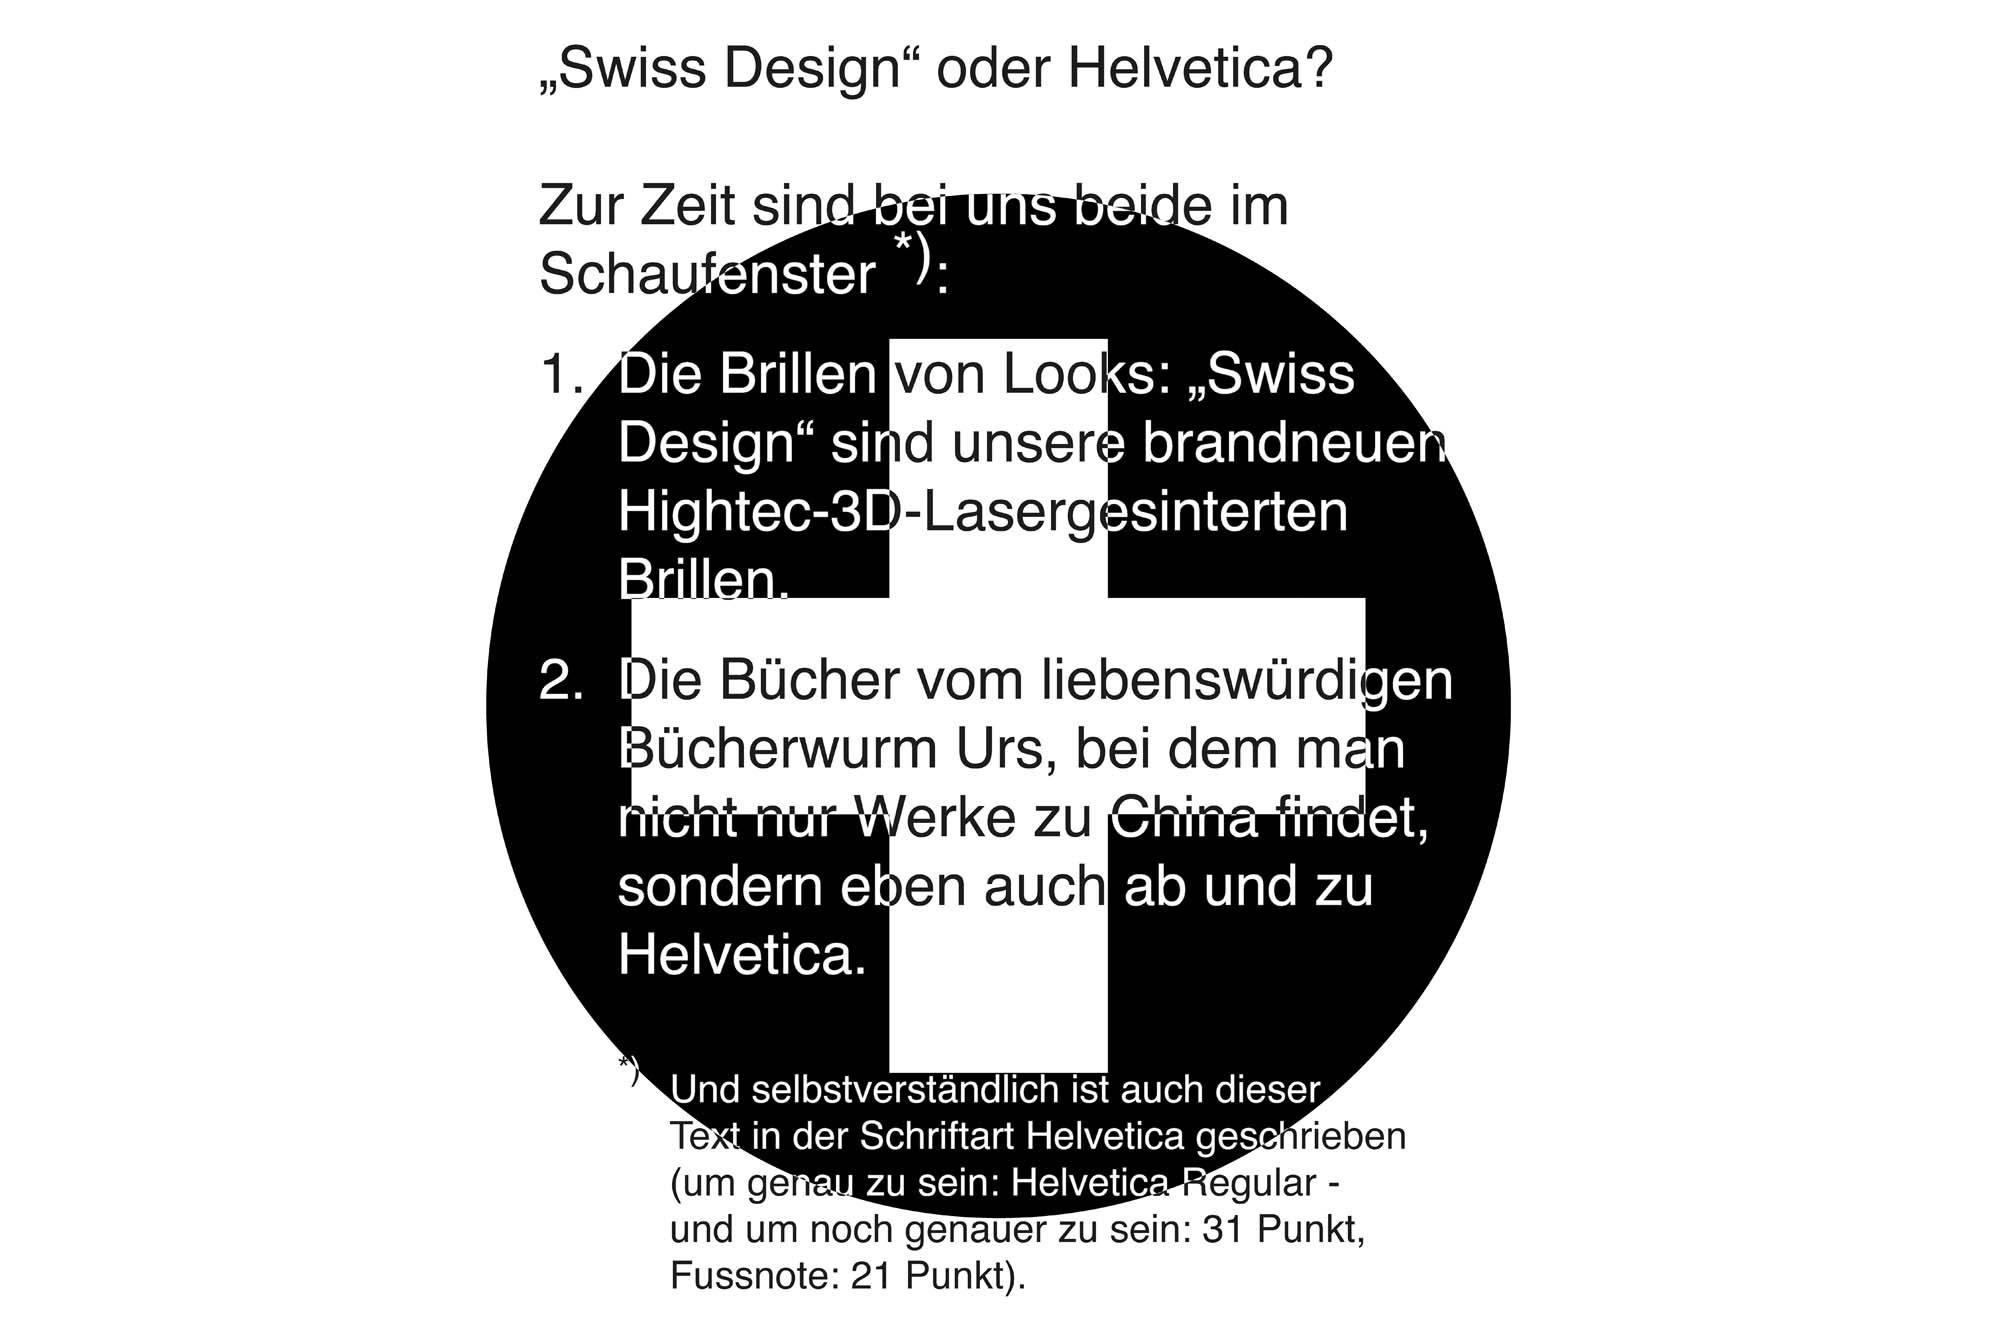 Schaufenster Nr. 044: Bücherwurm trifft auf Helvetica